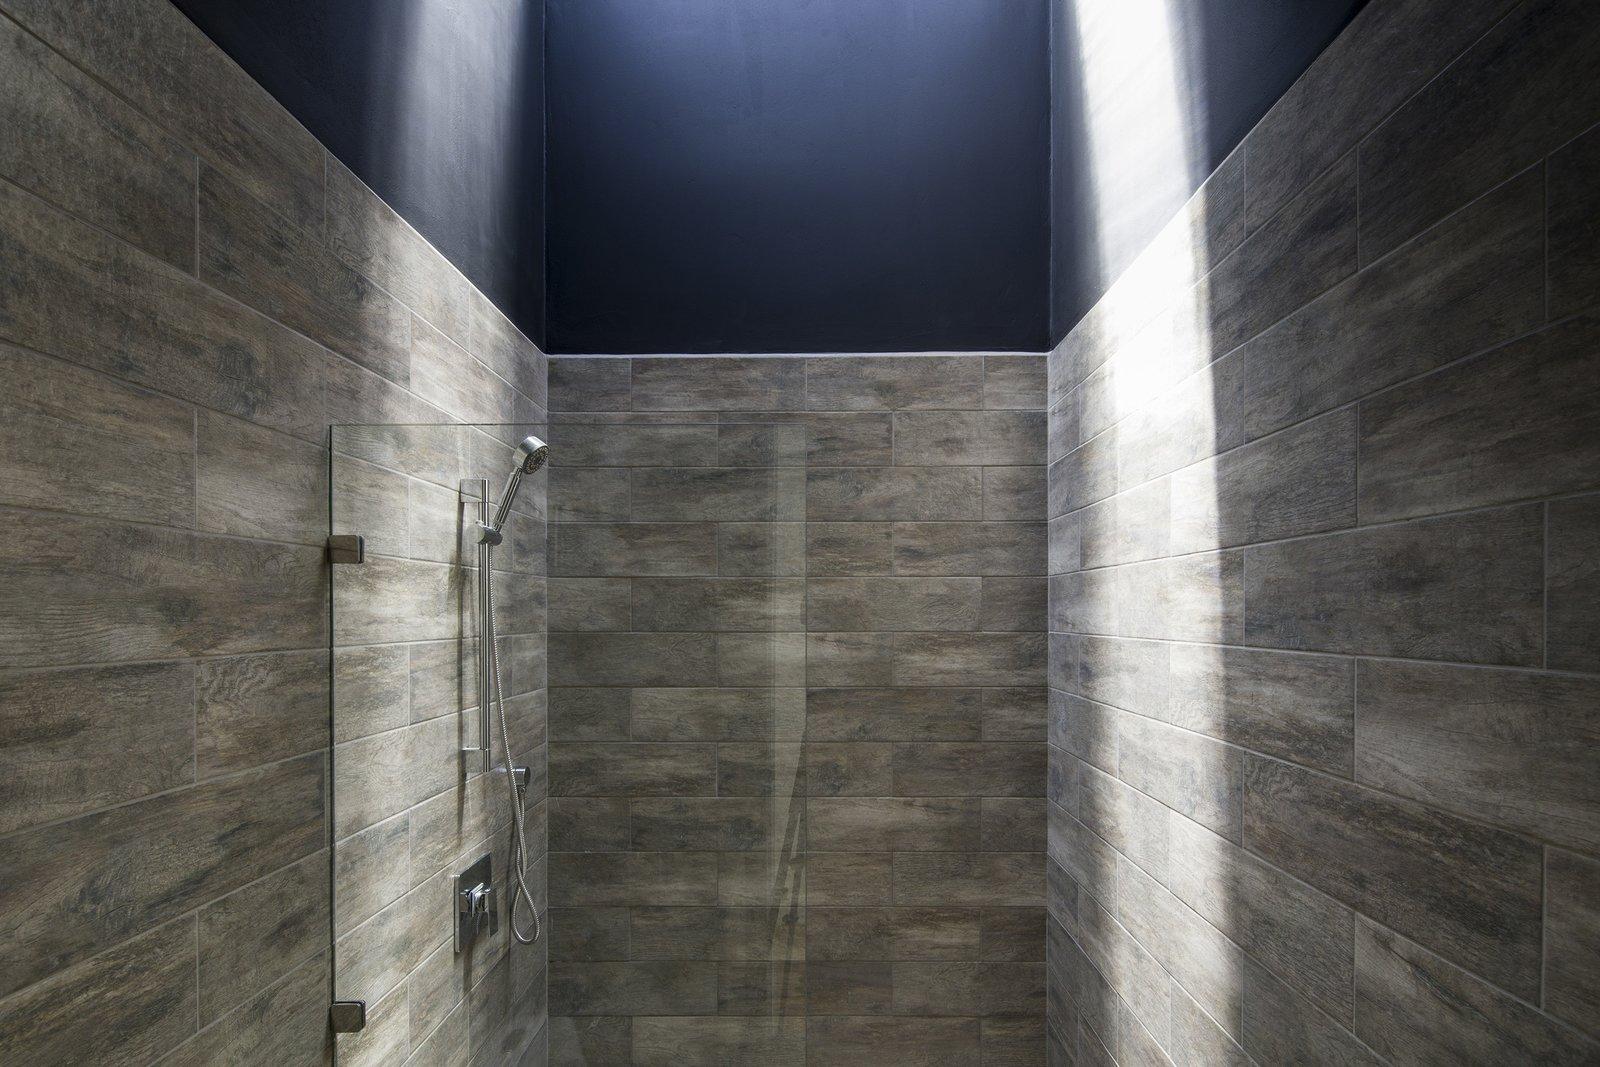 Bath Room, Porcelain Tile Floor, Porcelain Tile Wall, Corner Shower, and Open Shower  Casa Ching by MG design studio